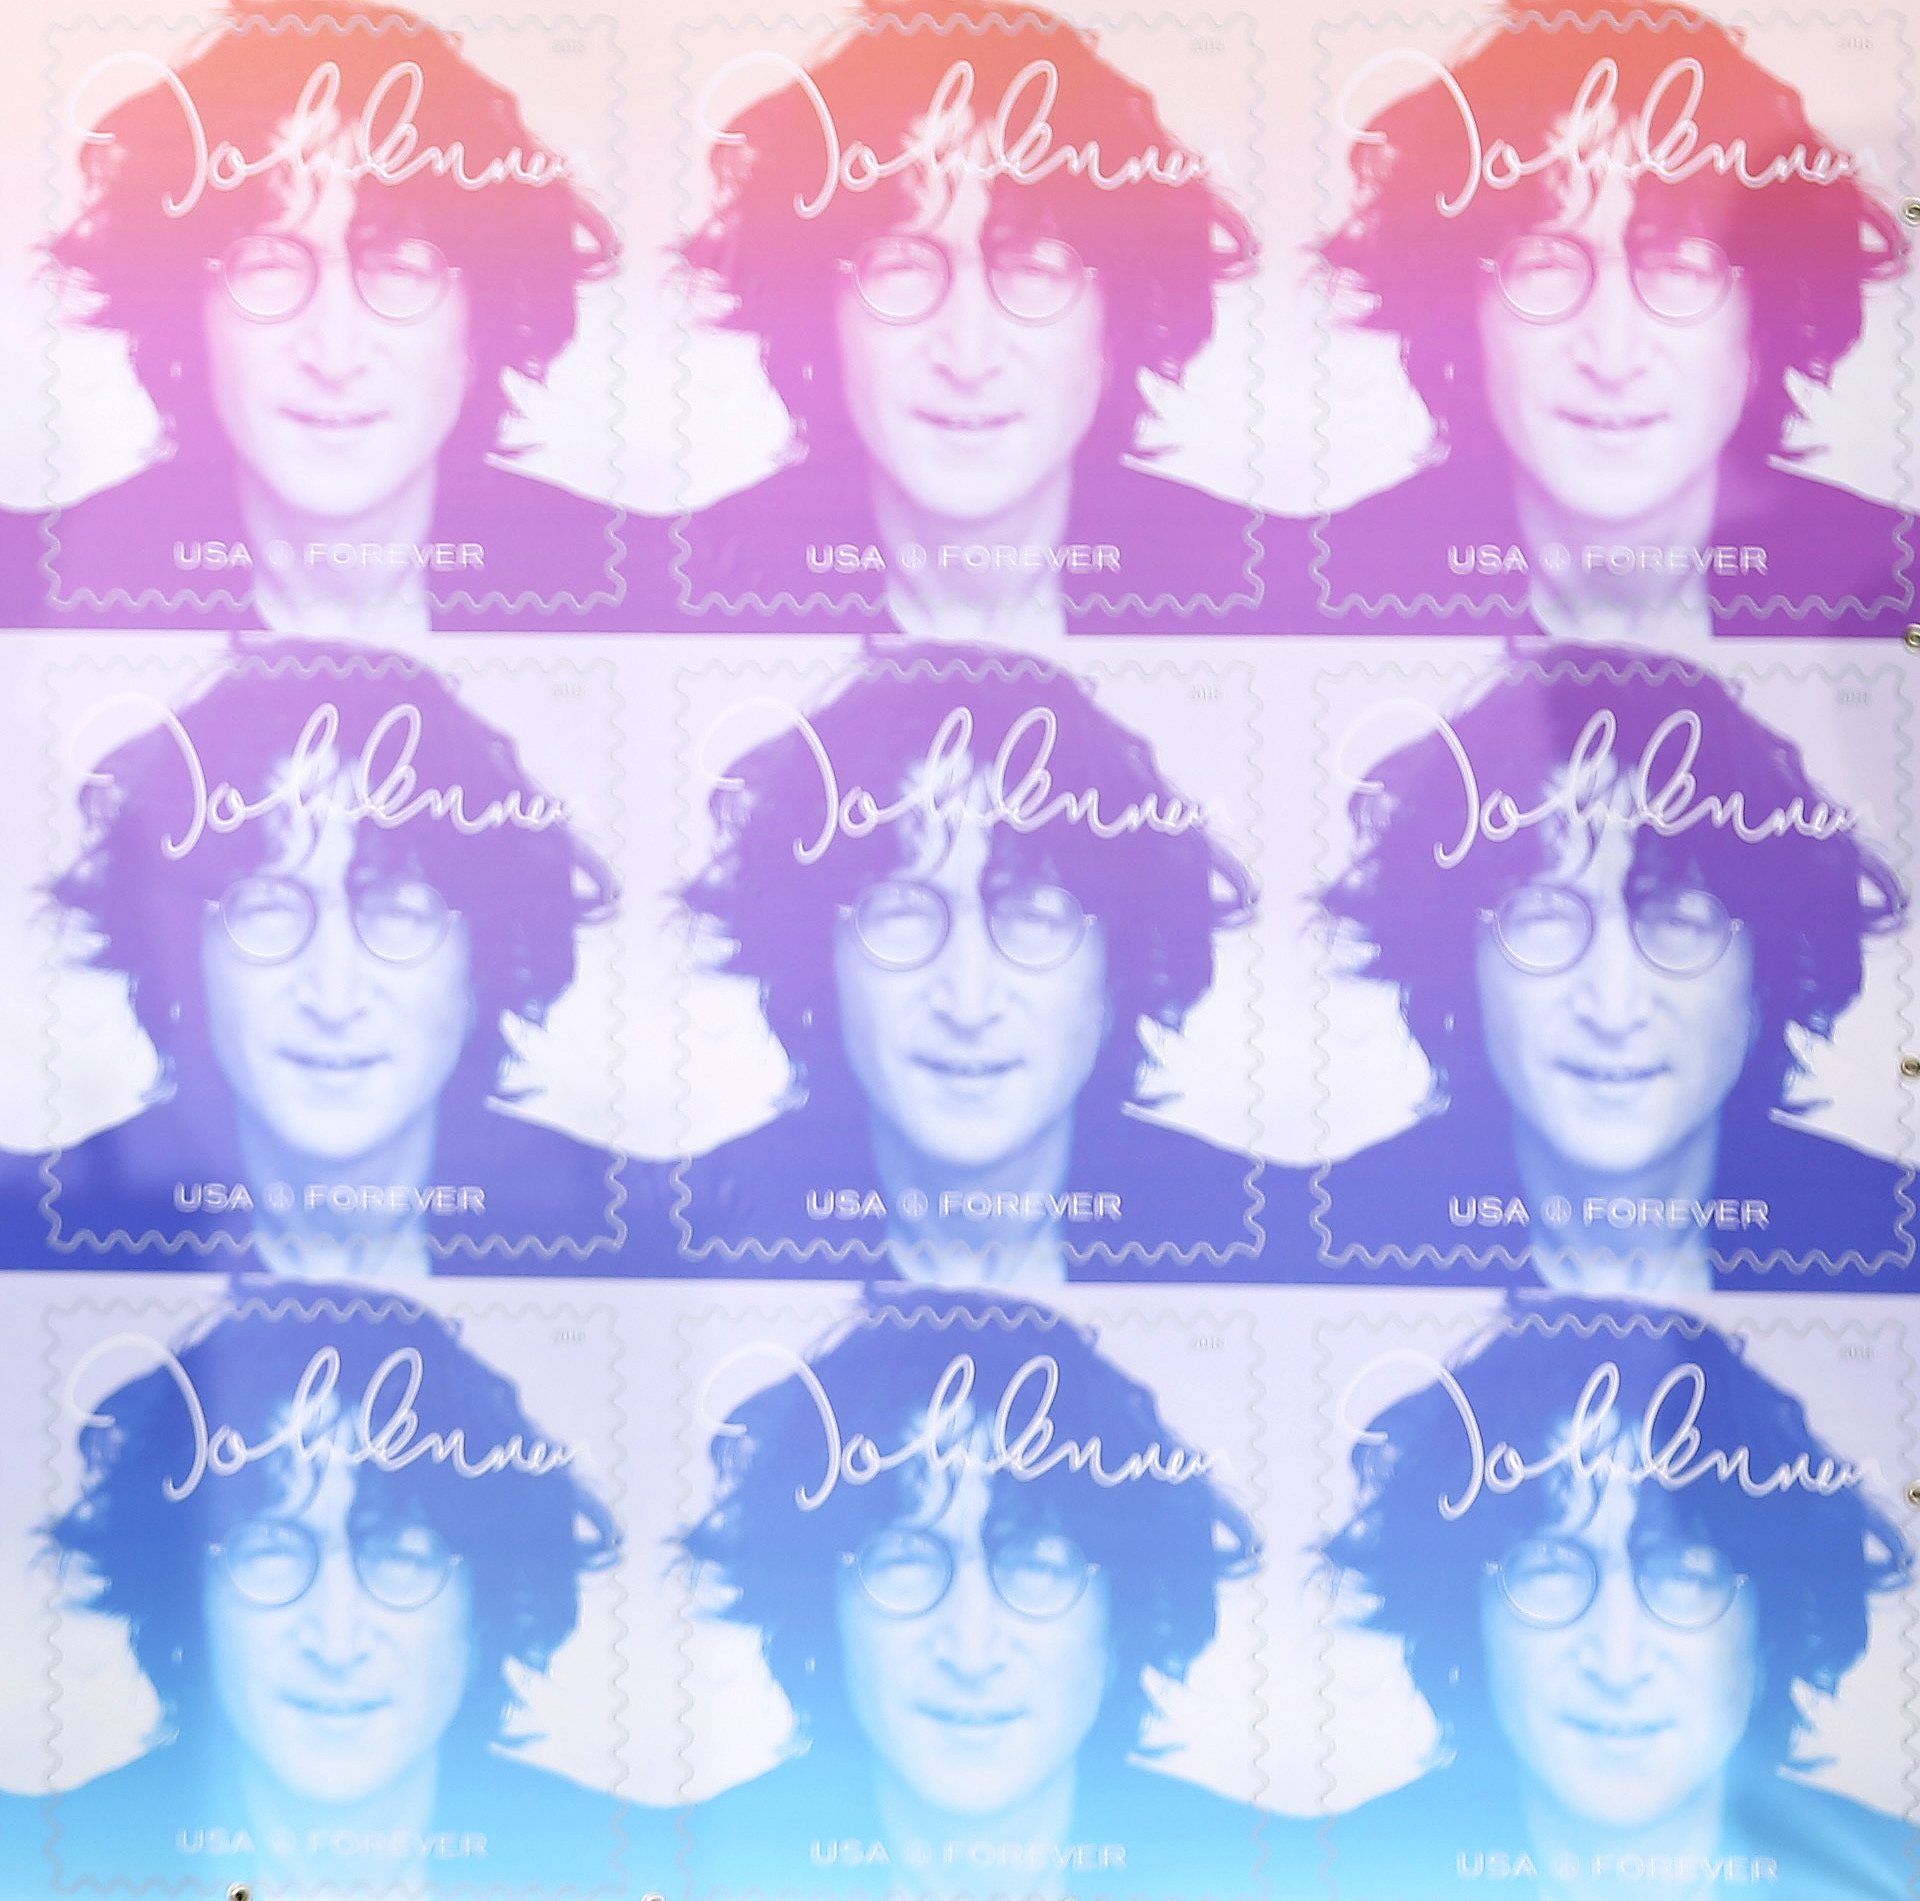 [서소문사진관]레코드 판 만한 우표로 만들어진 존 레논